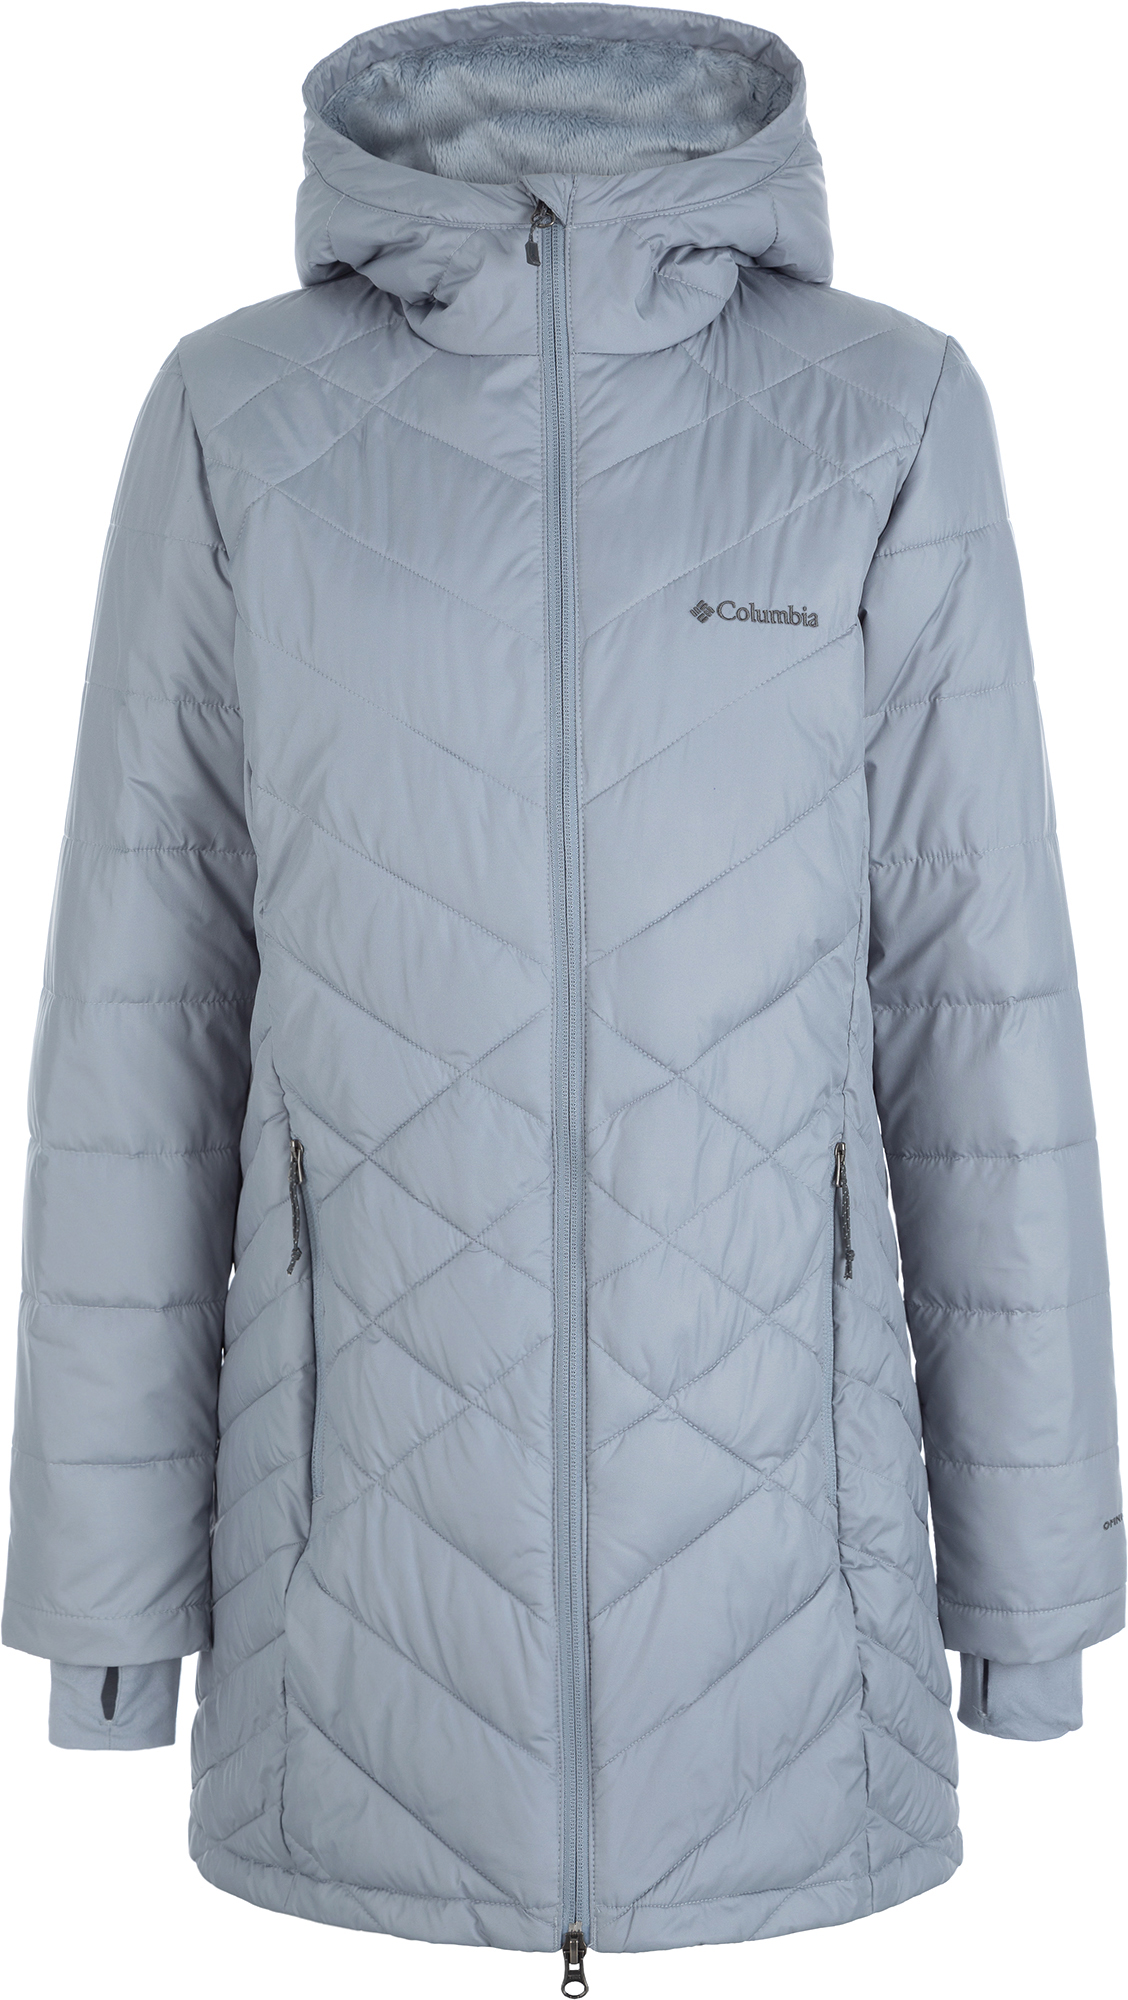 Columbia Куртка утепленная женская Columbia Heavenly, размер 50 columbia куртка утепленная женская columbia windgates размер 50